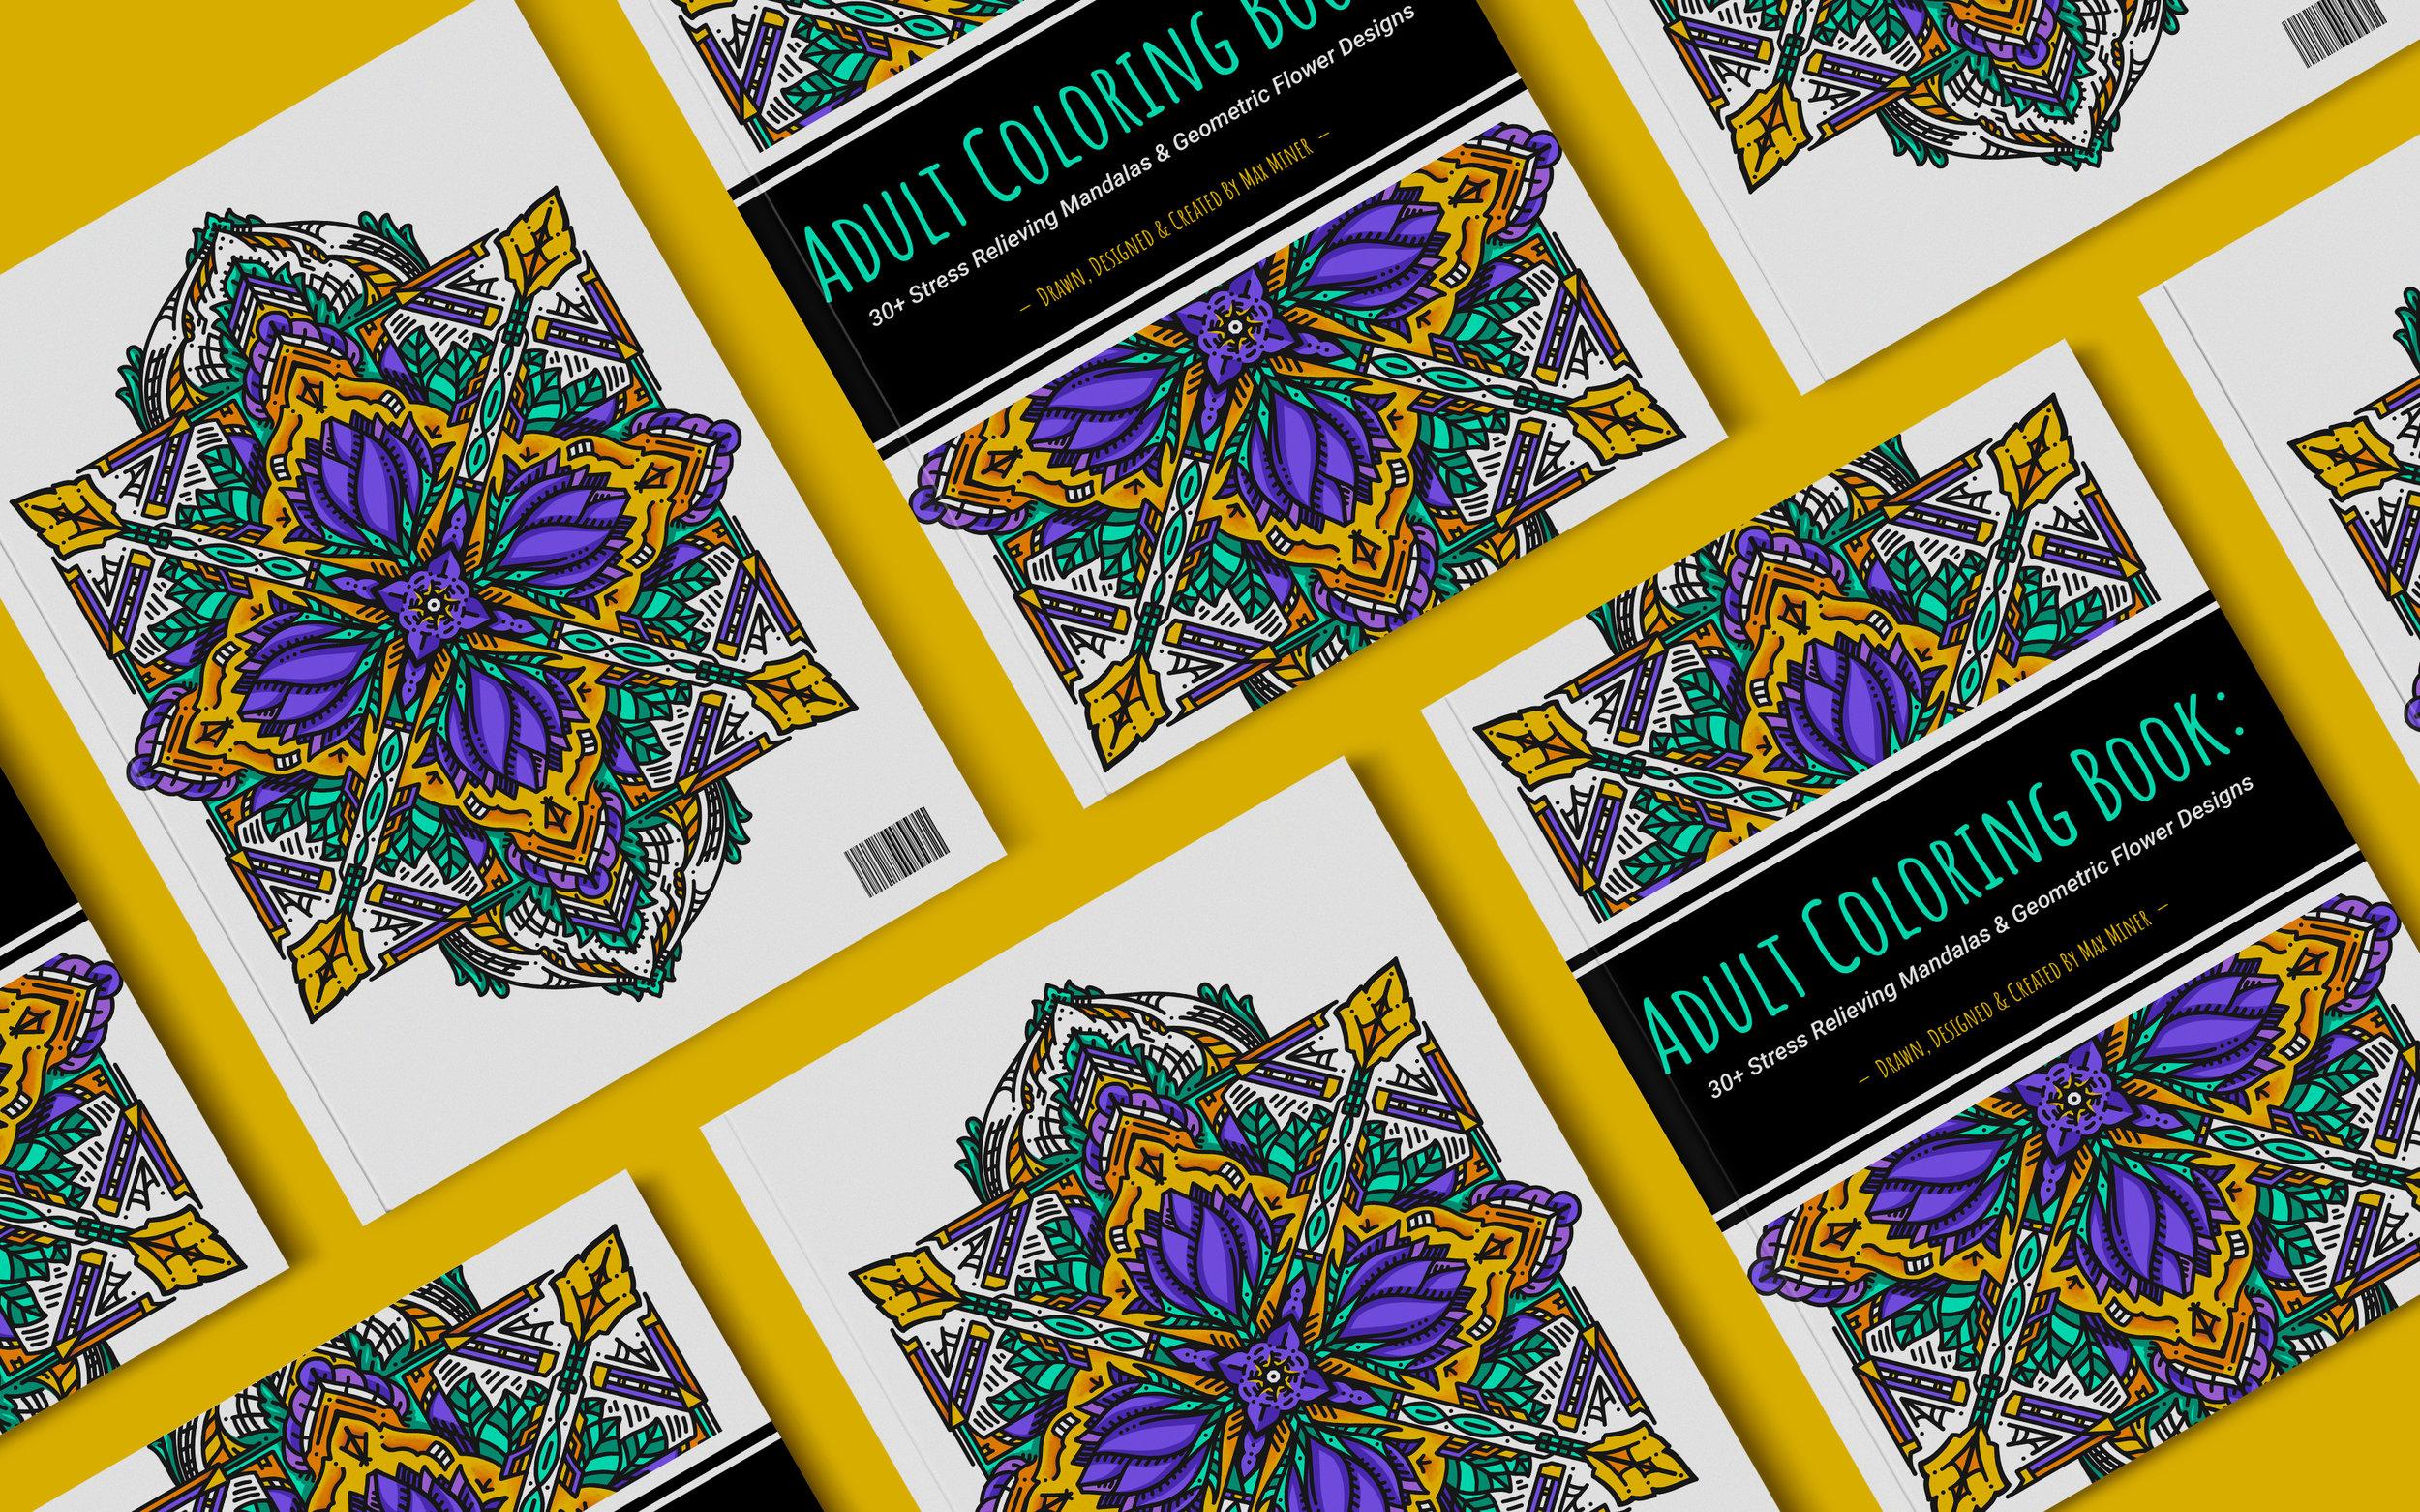 mx-coloringbook-v1-showcase-1.2.jpg